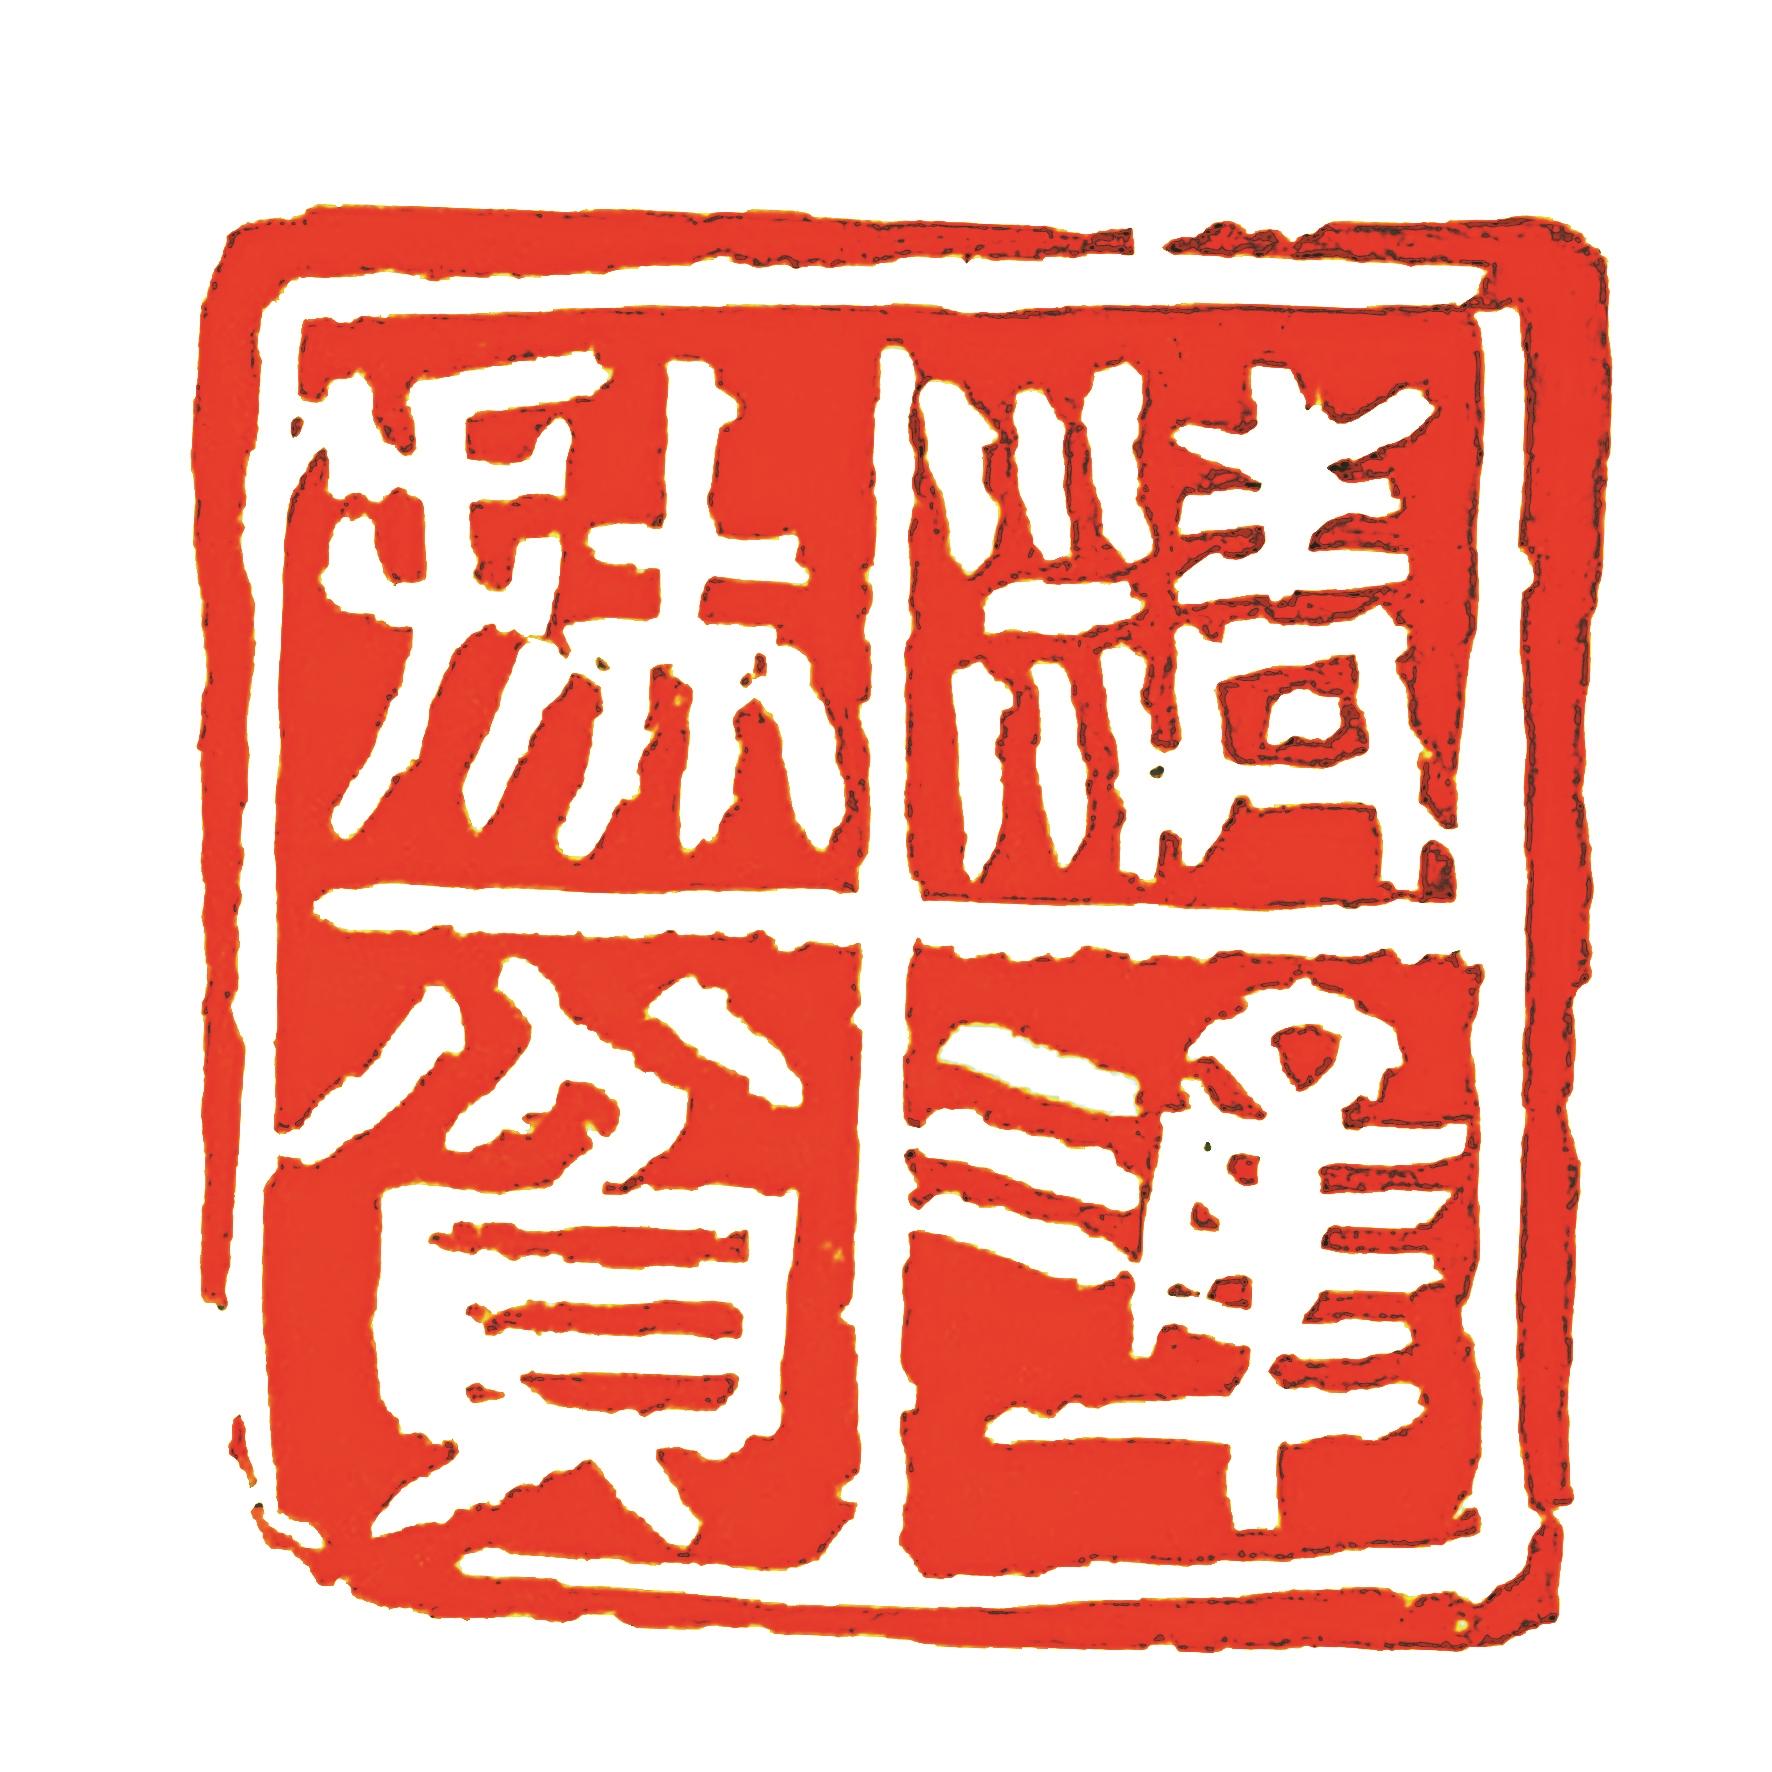 湖北省首部大型专题印谱《精准扶贫印谱》出版 荆楚篆刻家们为时代留痕